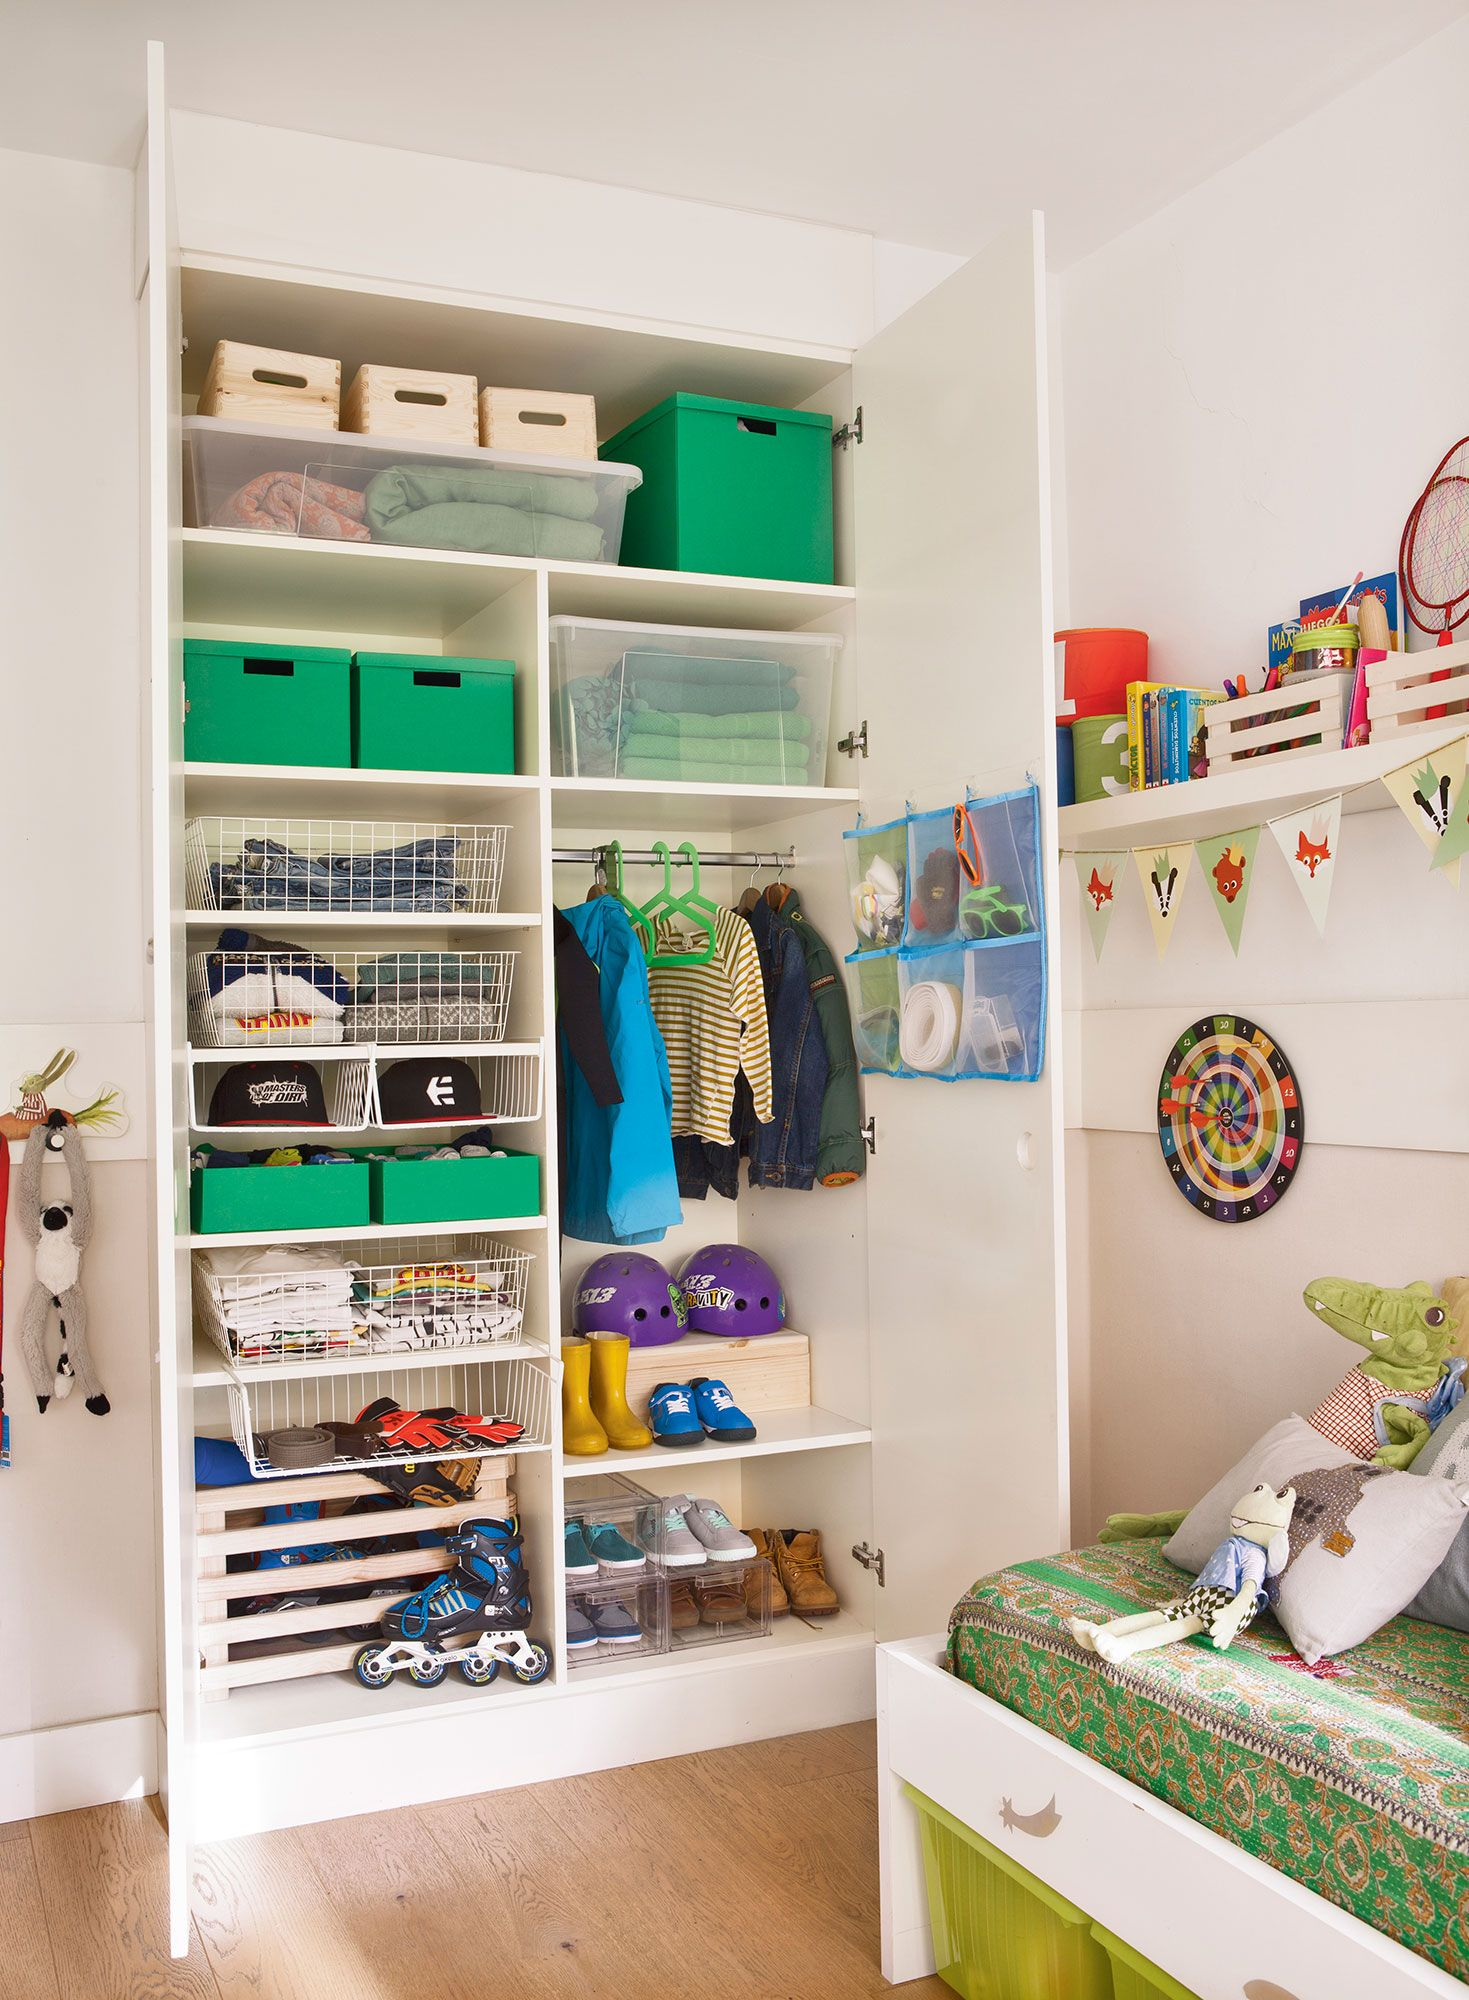 Adesivo De Insulina ~ Armario habitación infantil en orden Pinterest Armarios habitacion, Habitación infantil y